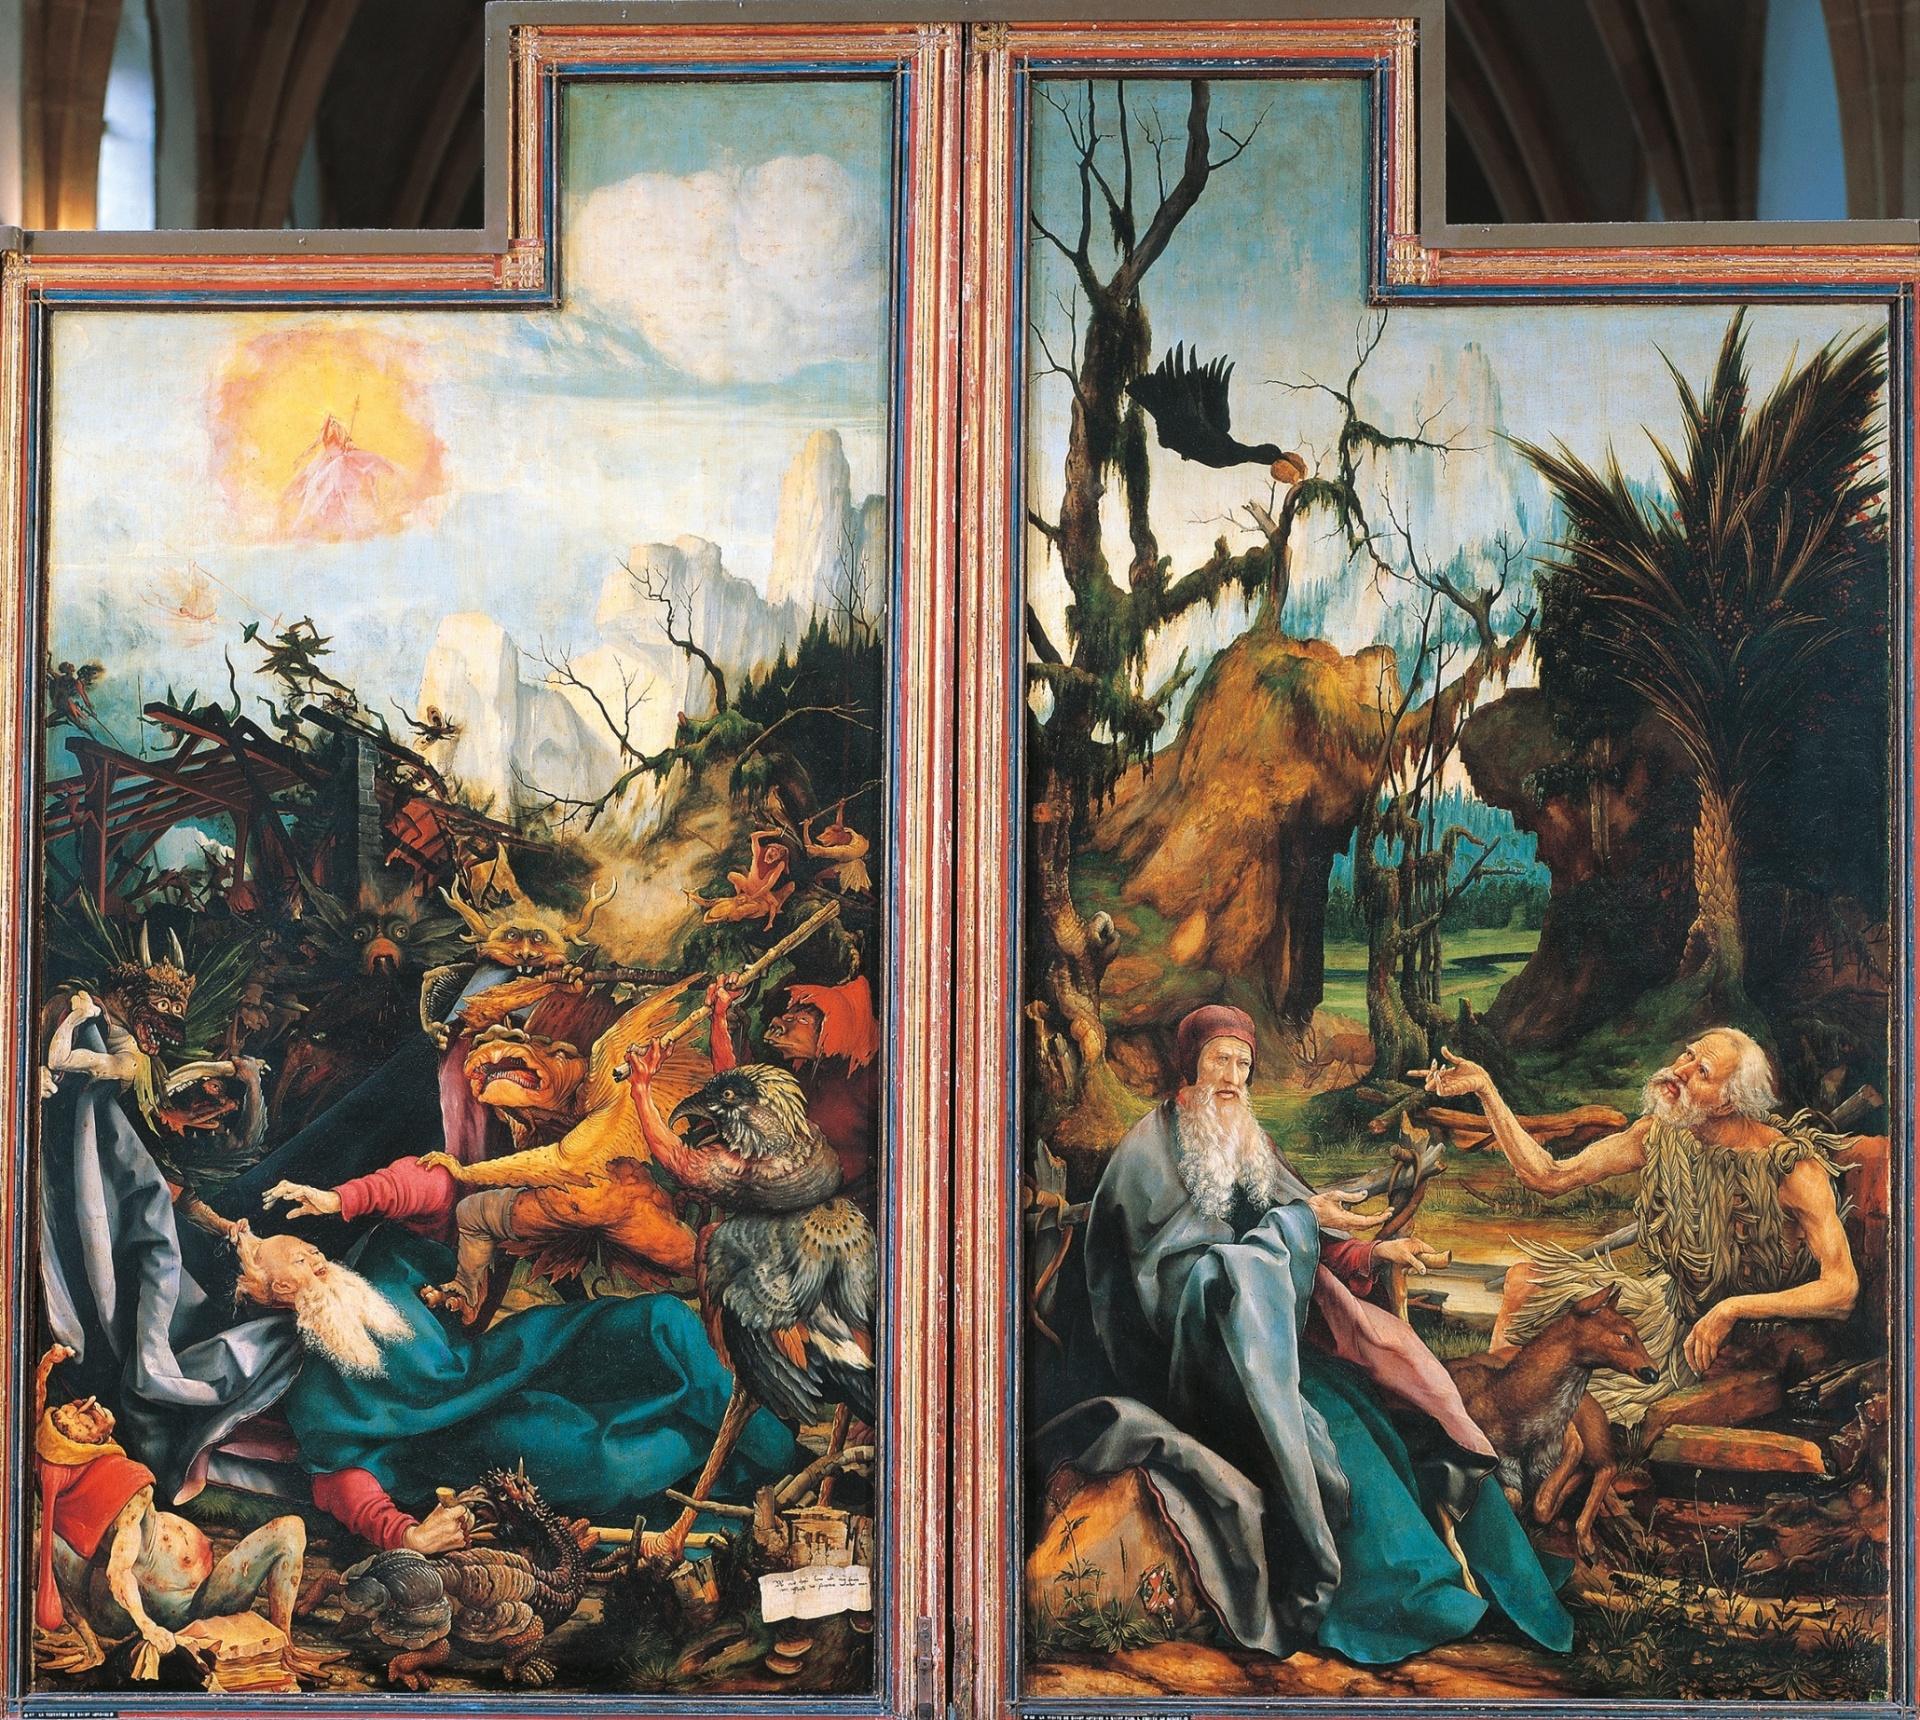 Matthias Grunewald – The Temptation of St. Anthony (c. 1512 - 16)